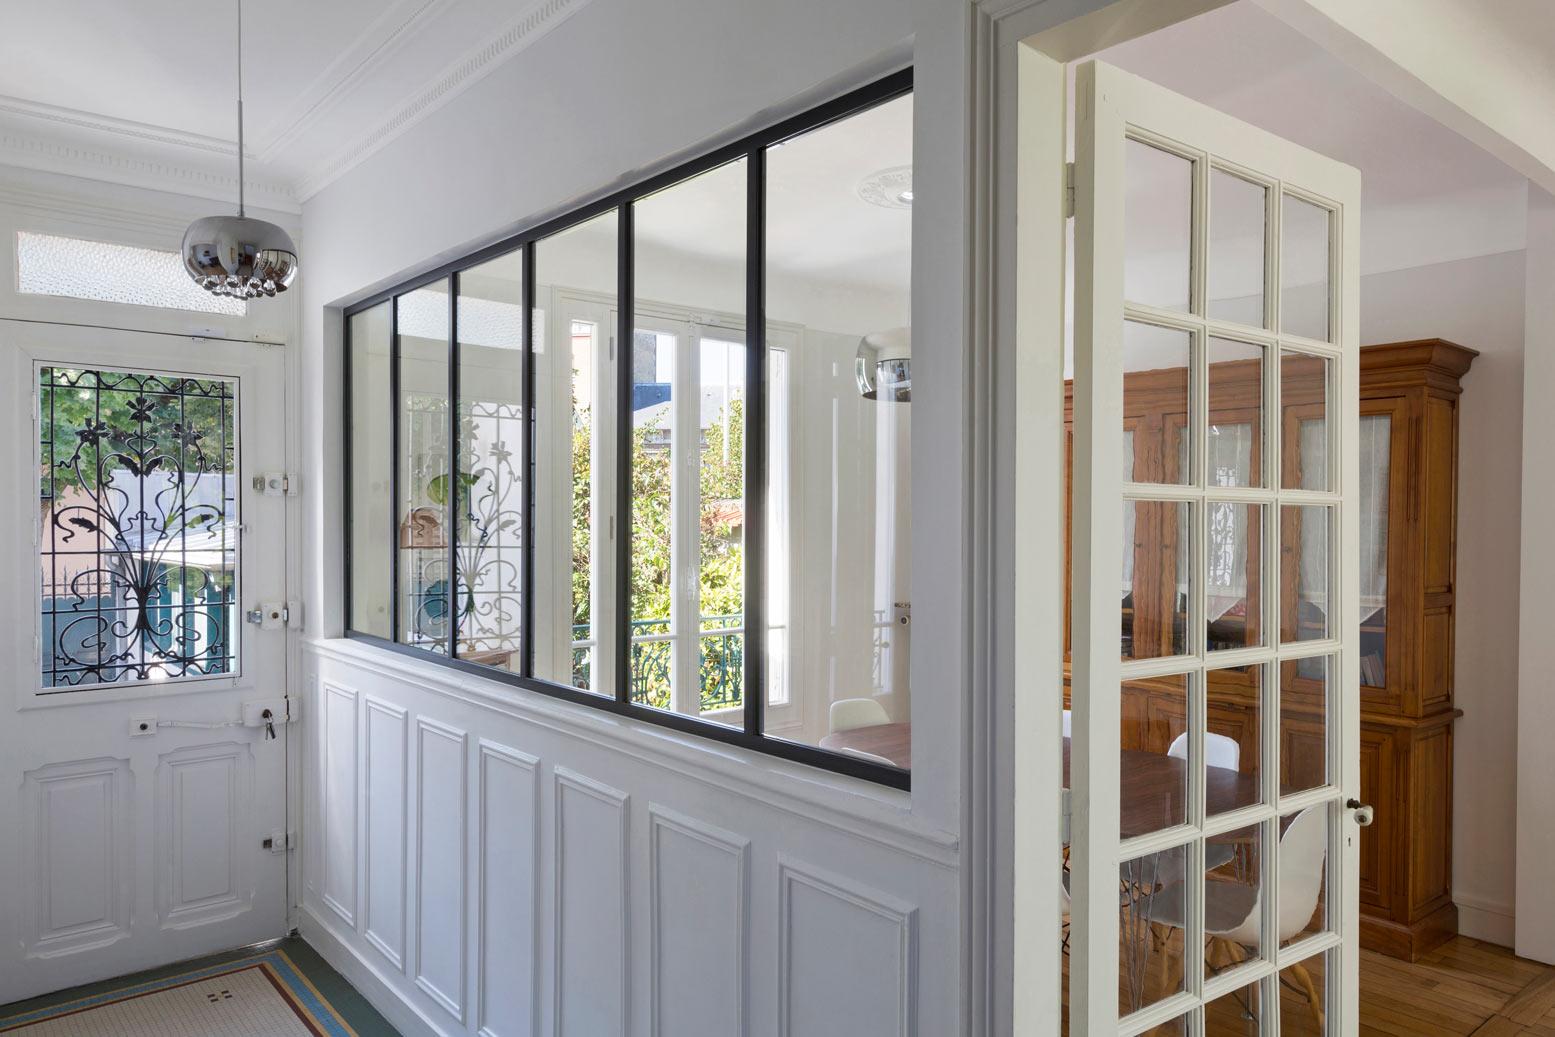 Vitre Porte Interieur Fashion Designs - Porte intérieure style atelier